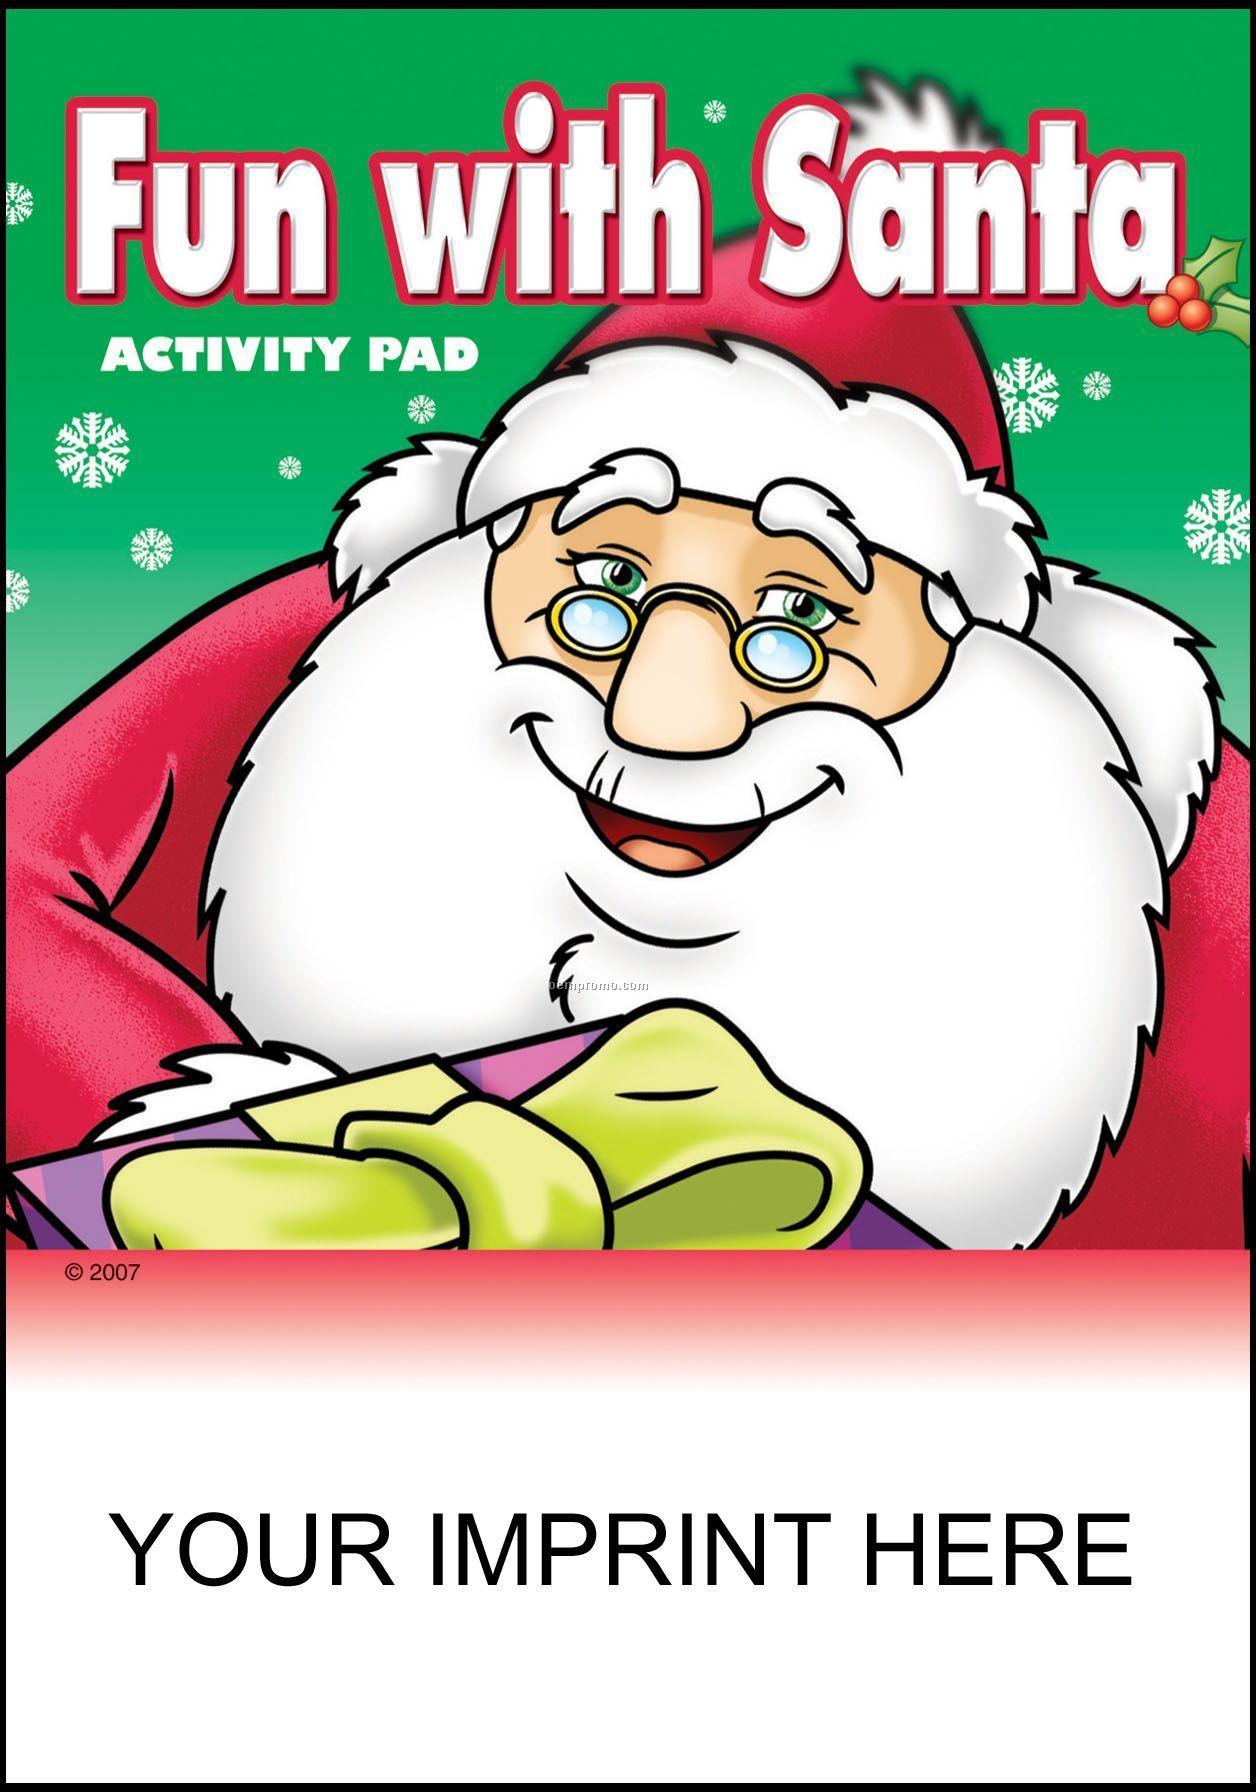 Fun With Santa Activity Pad - Santa With Gift